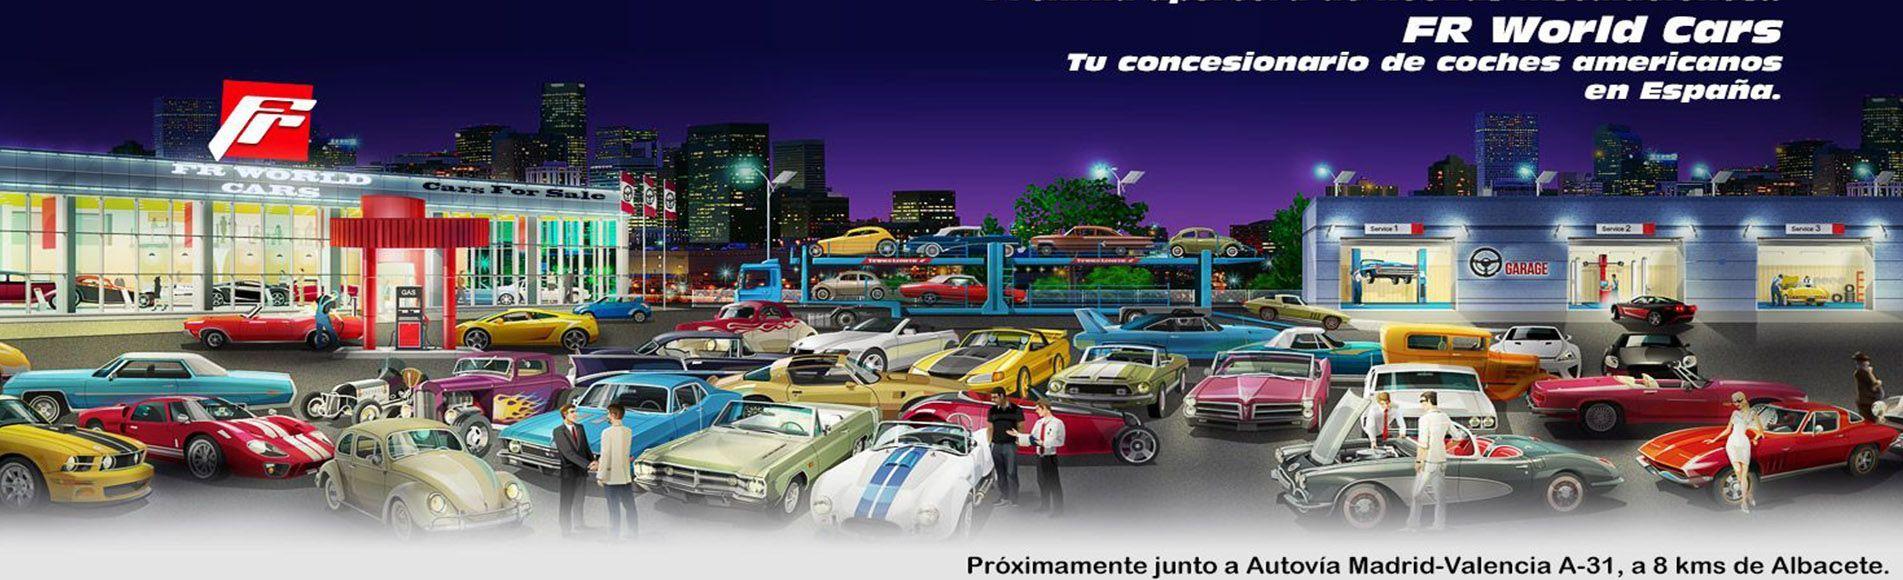 concesionario oficial de coches americanos en España, venta de vehiculos. garantia